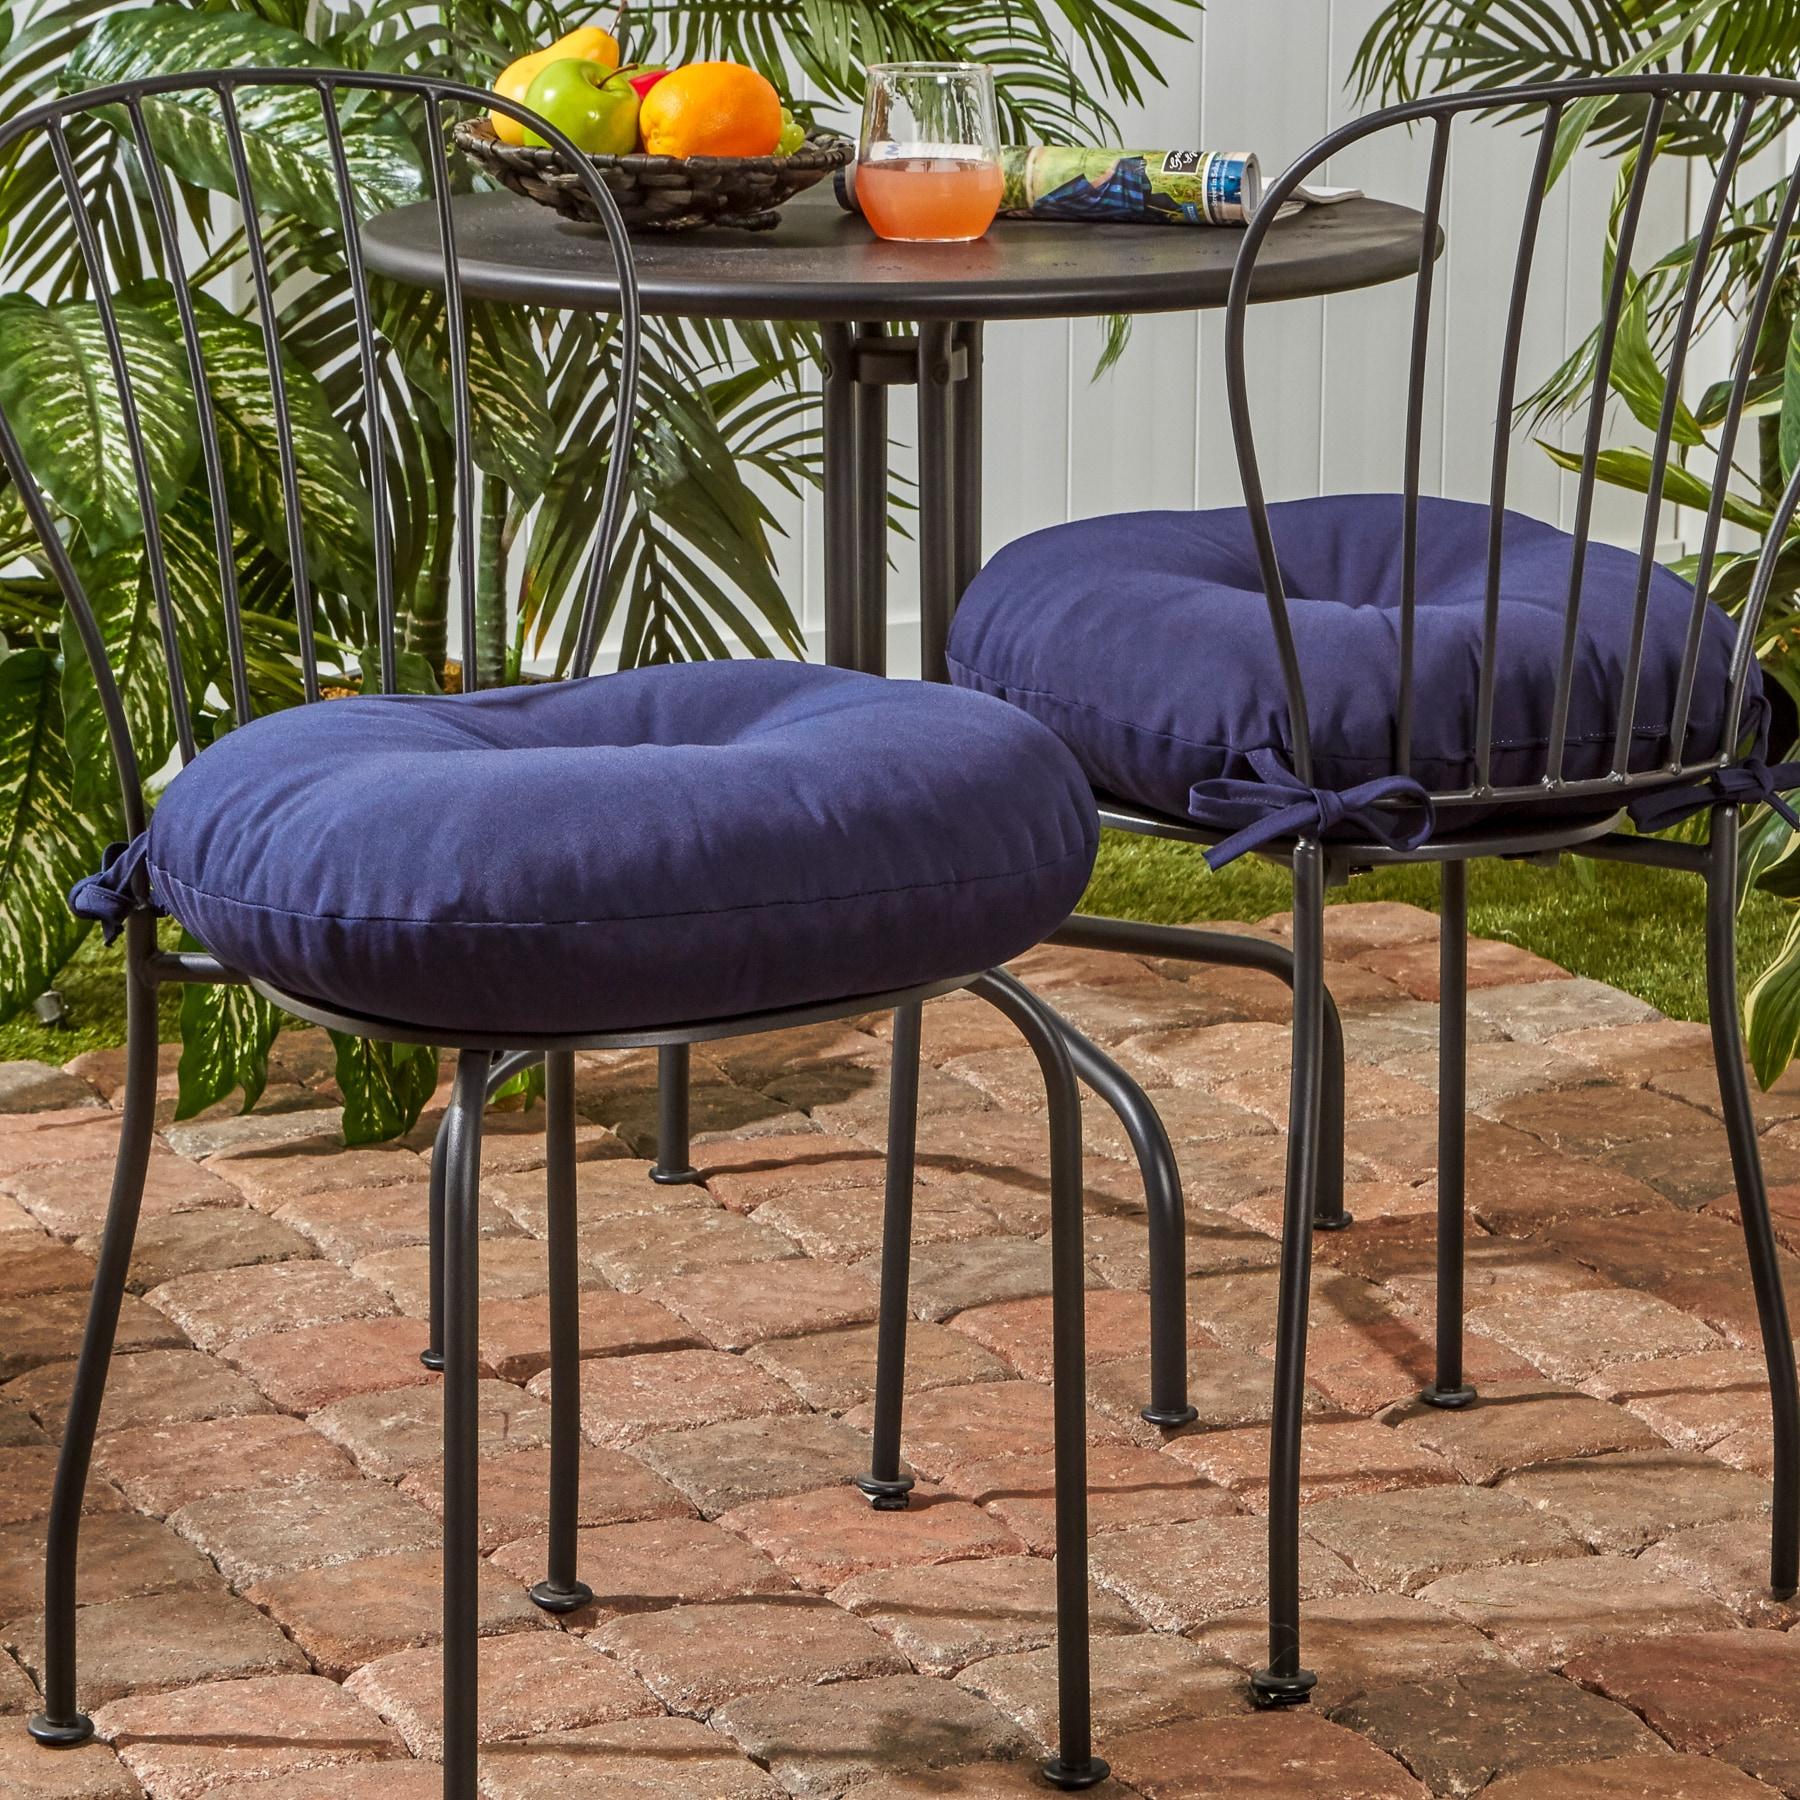 18-inch Round Outdoor Bistro Chair Cushion (Set of 2) - 18w x 18l